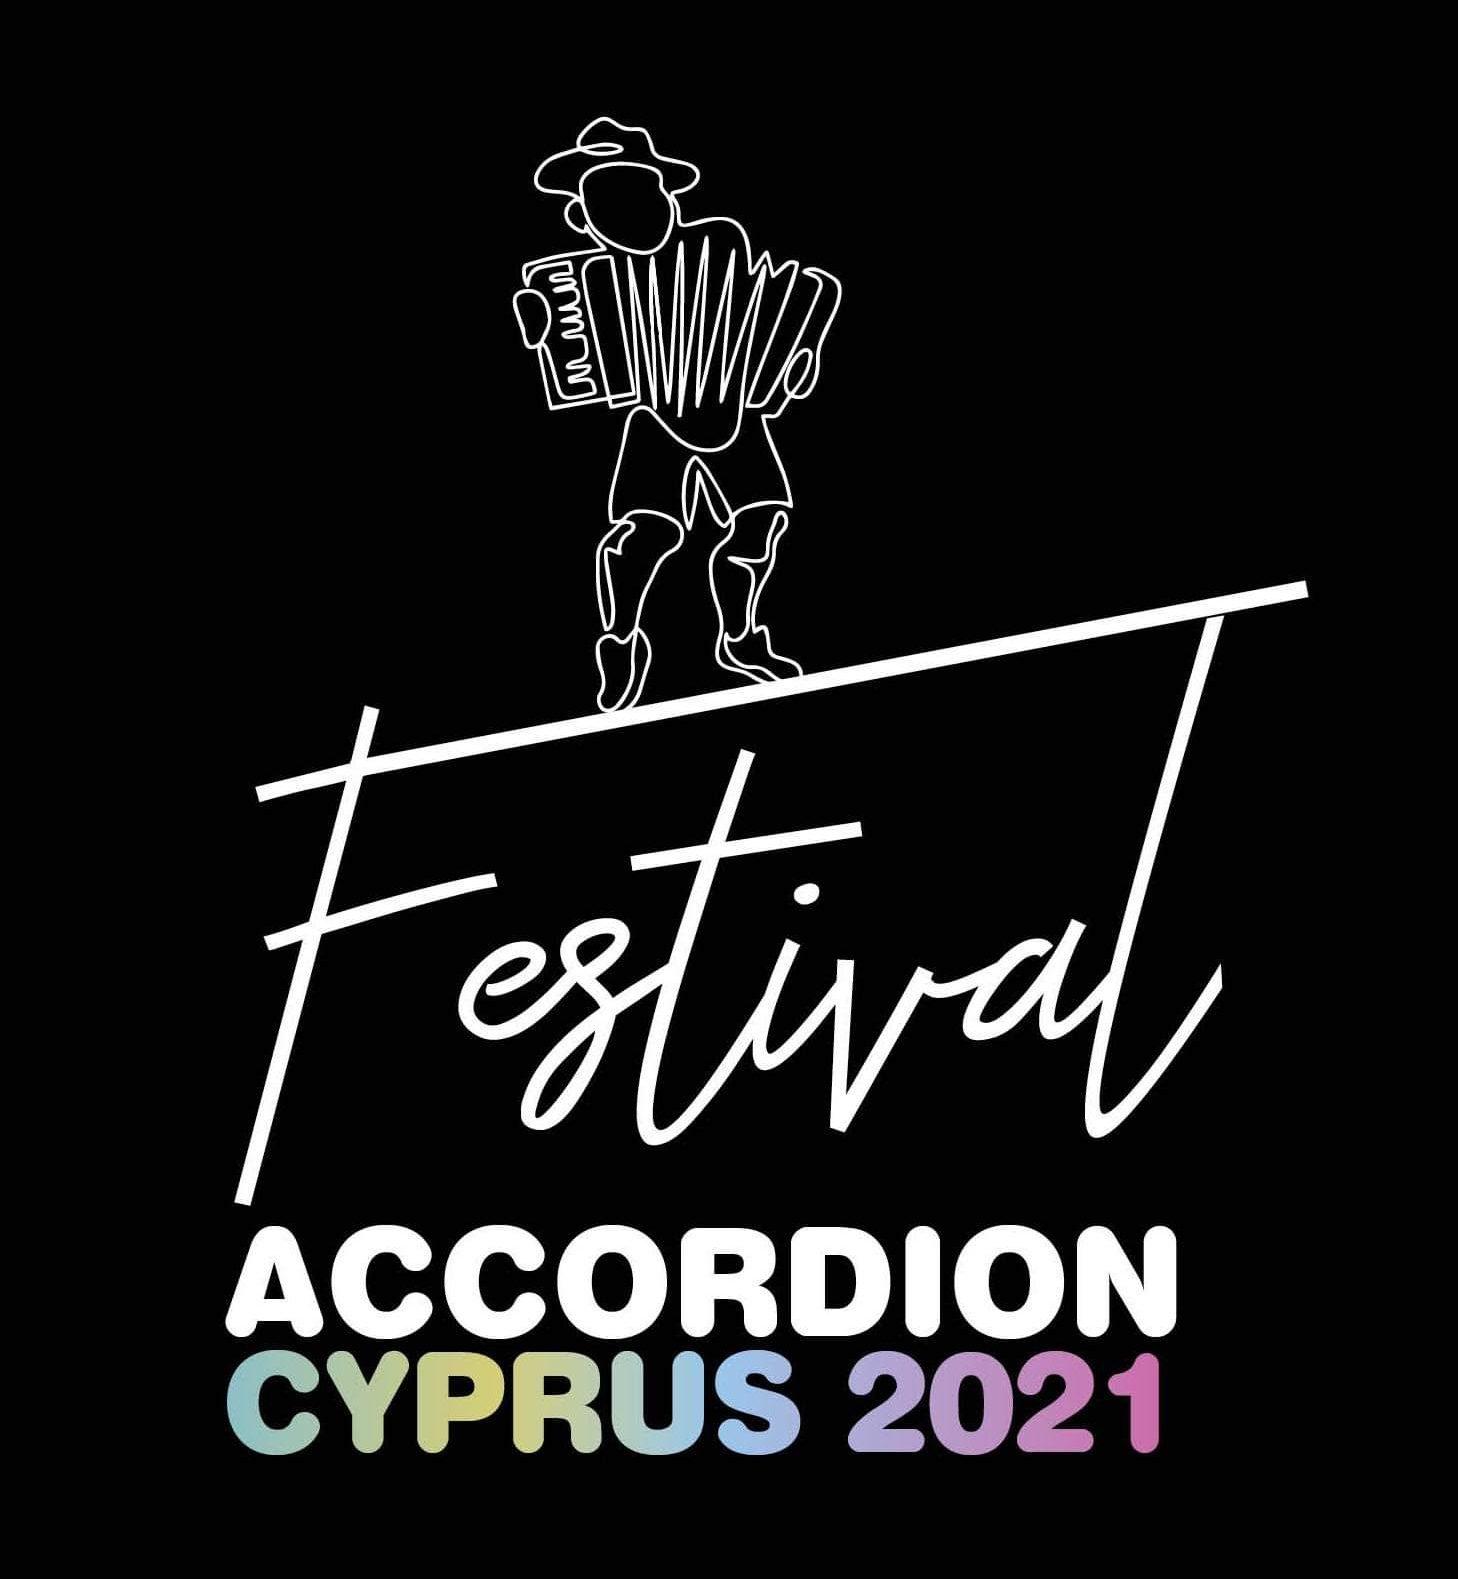 Cyprus Accordion Festival